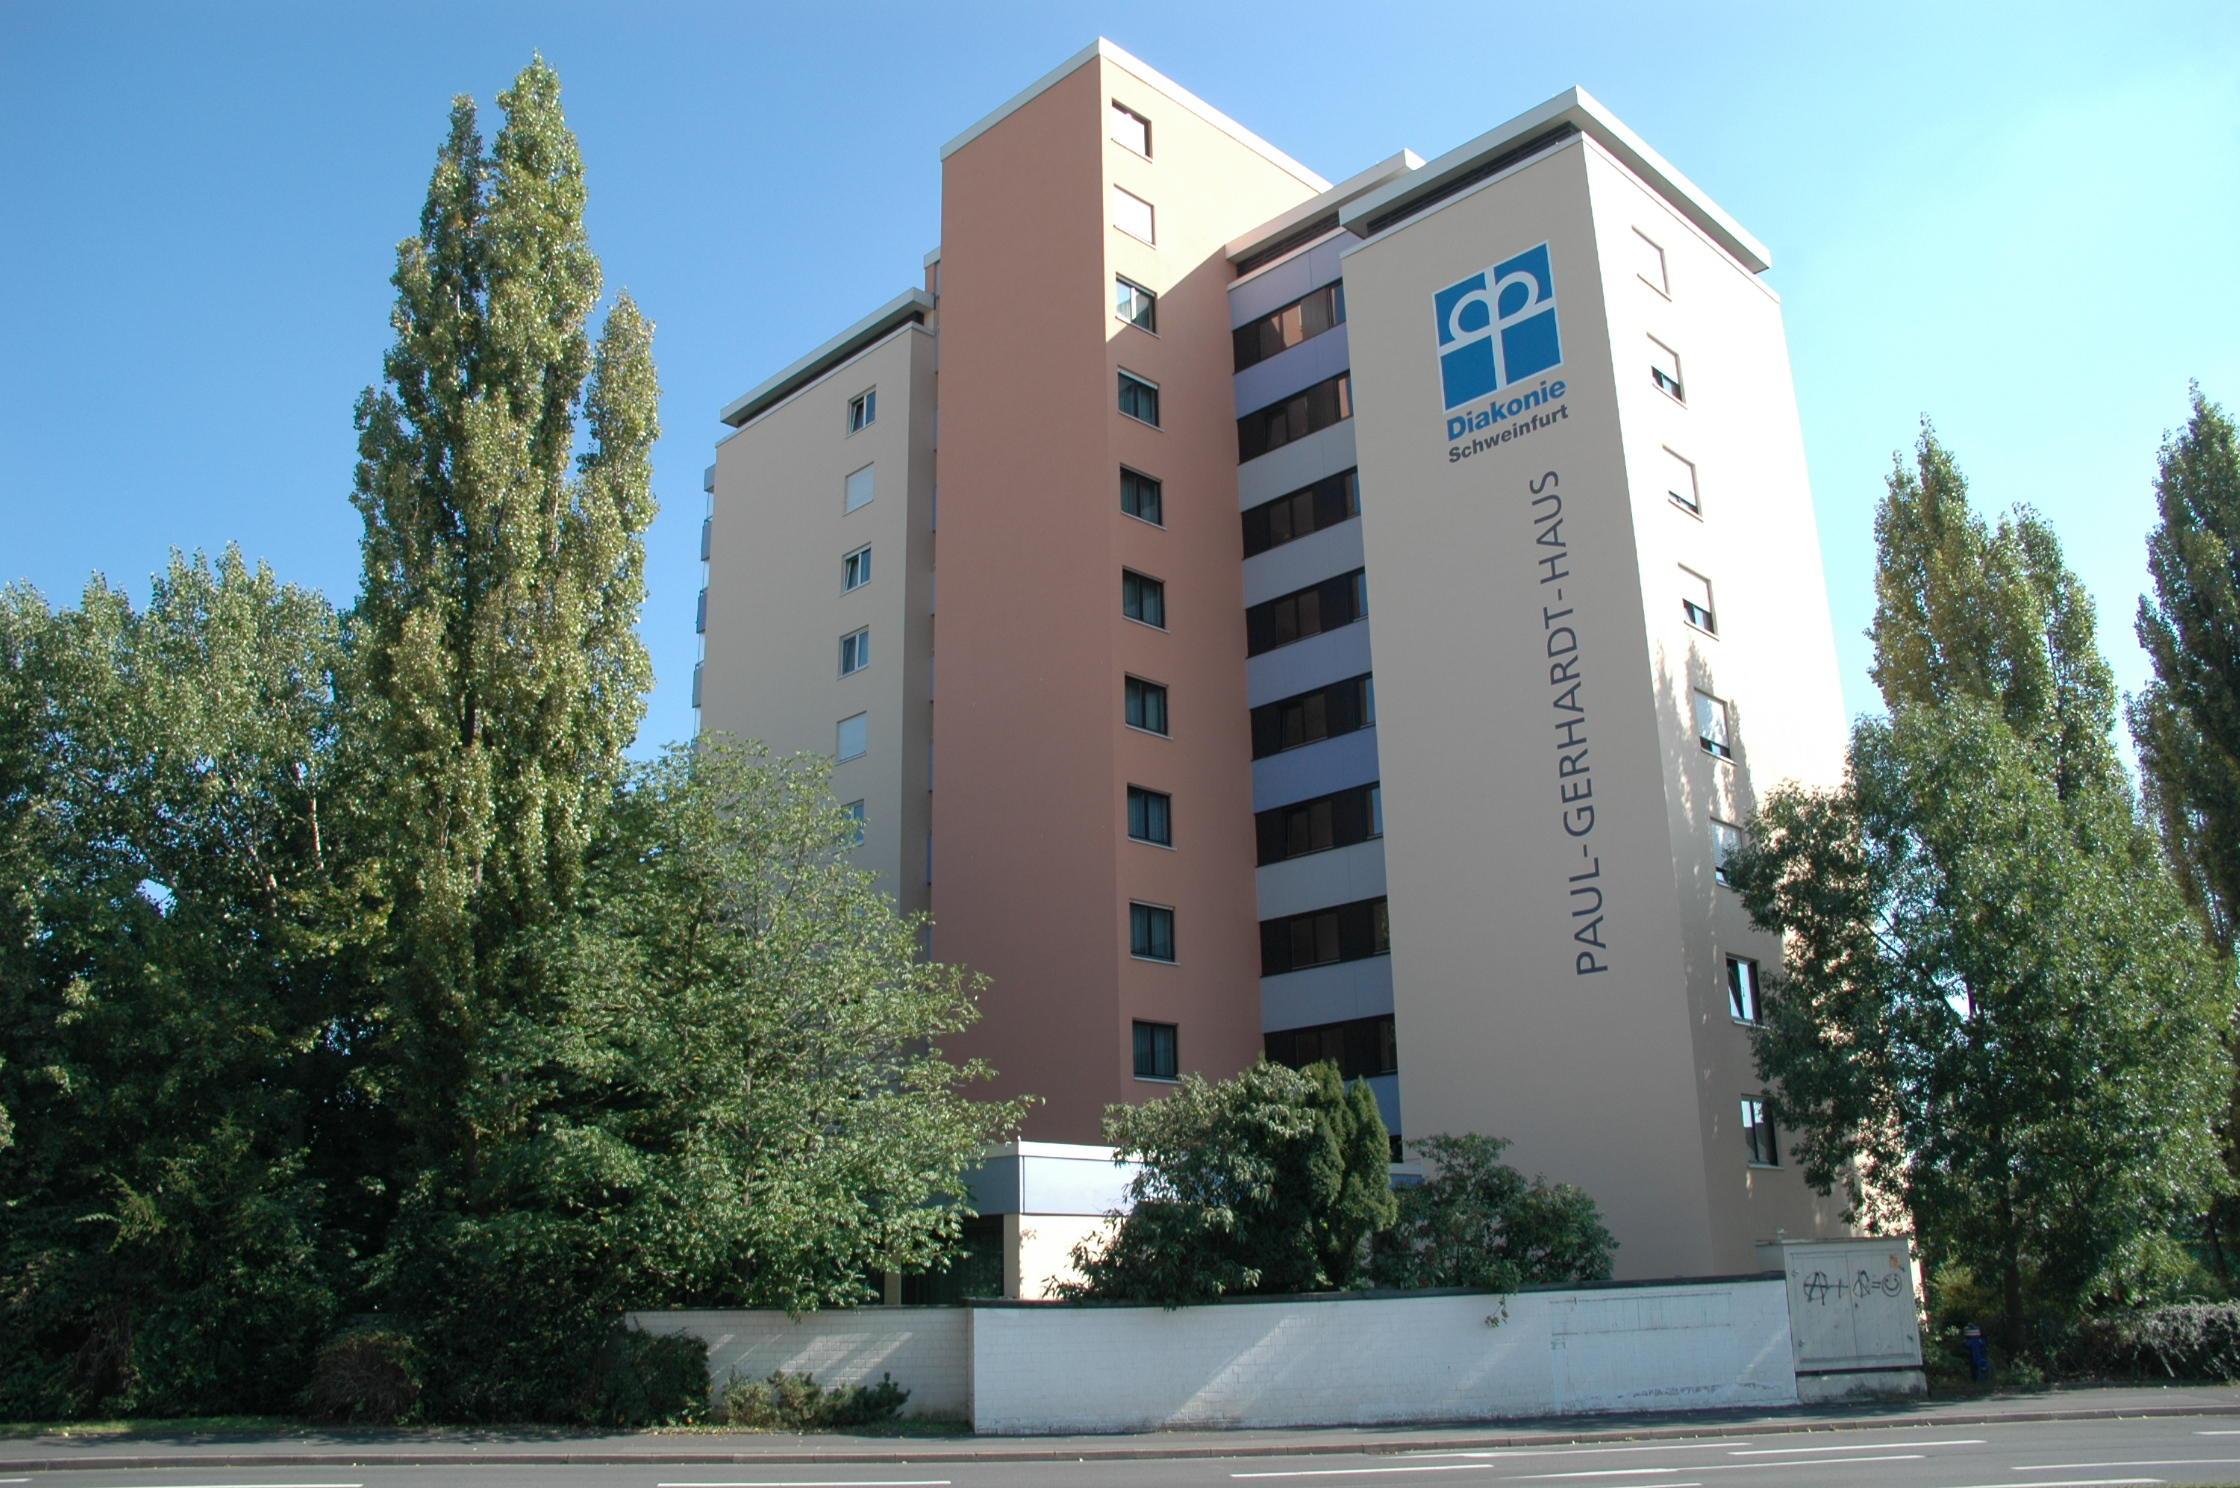 Paul-Gerhardt-Haus